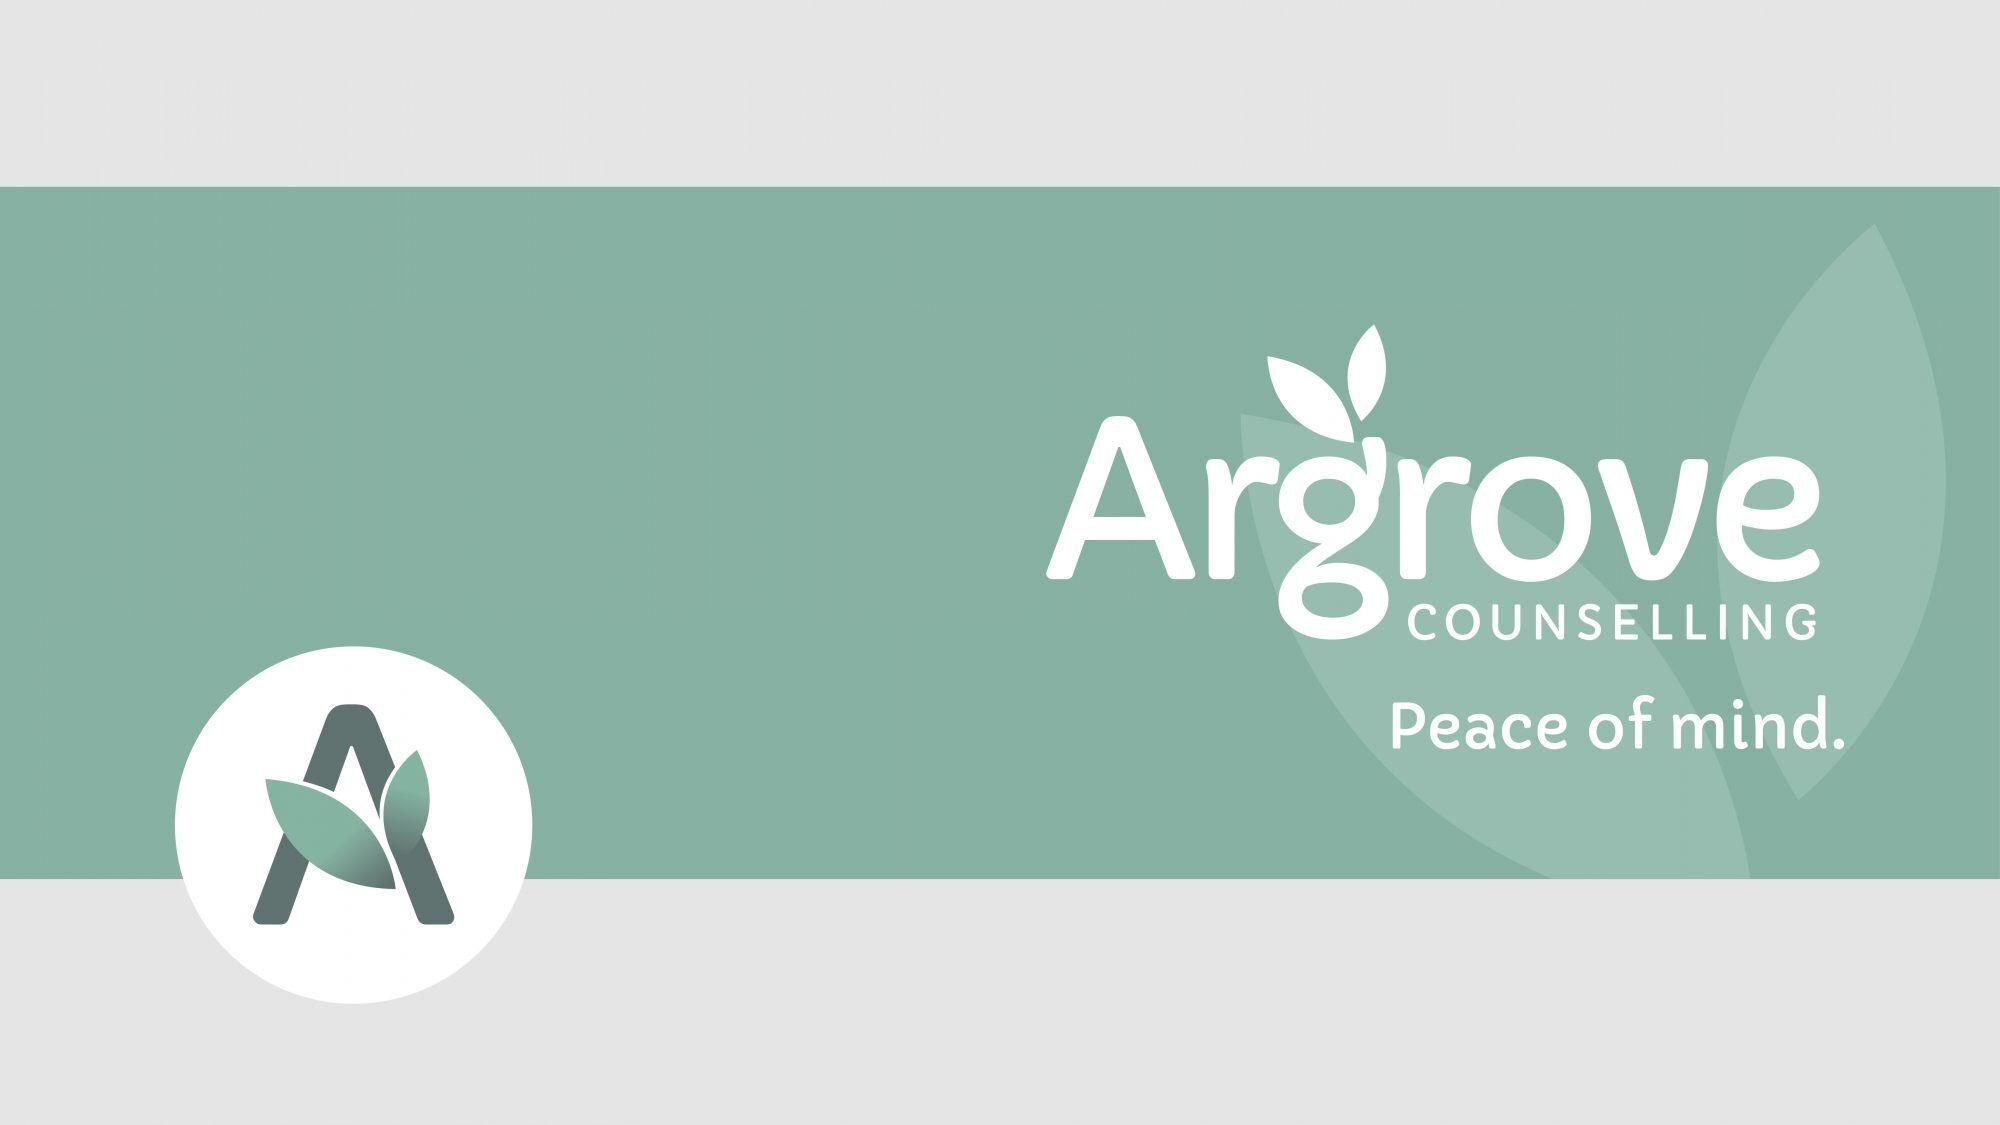 Argrove images2